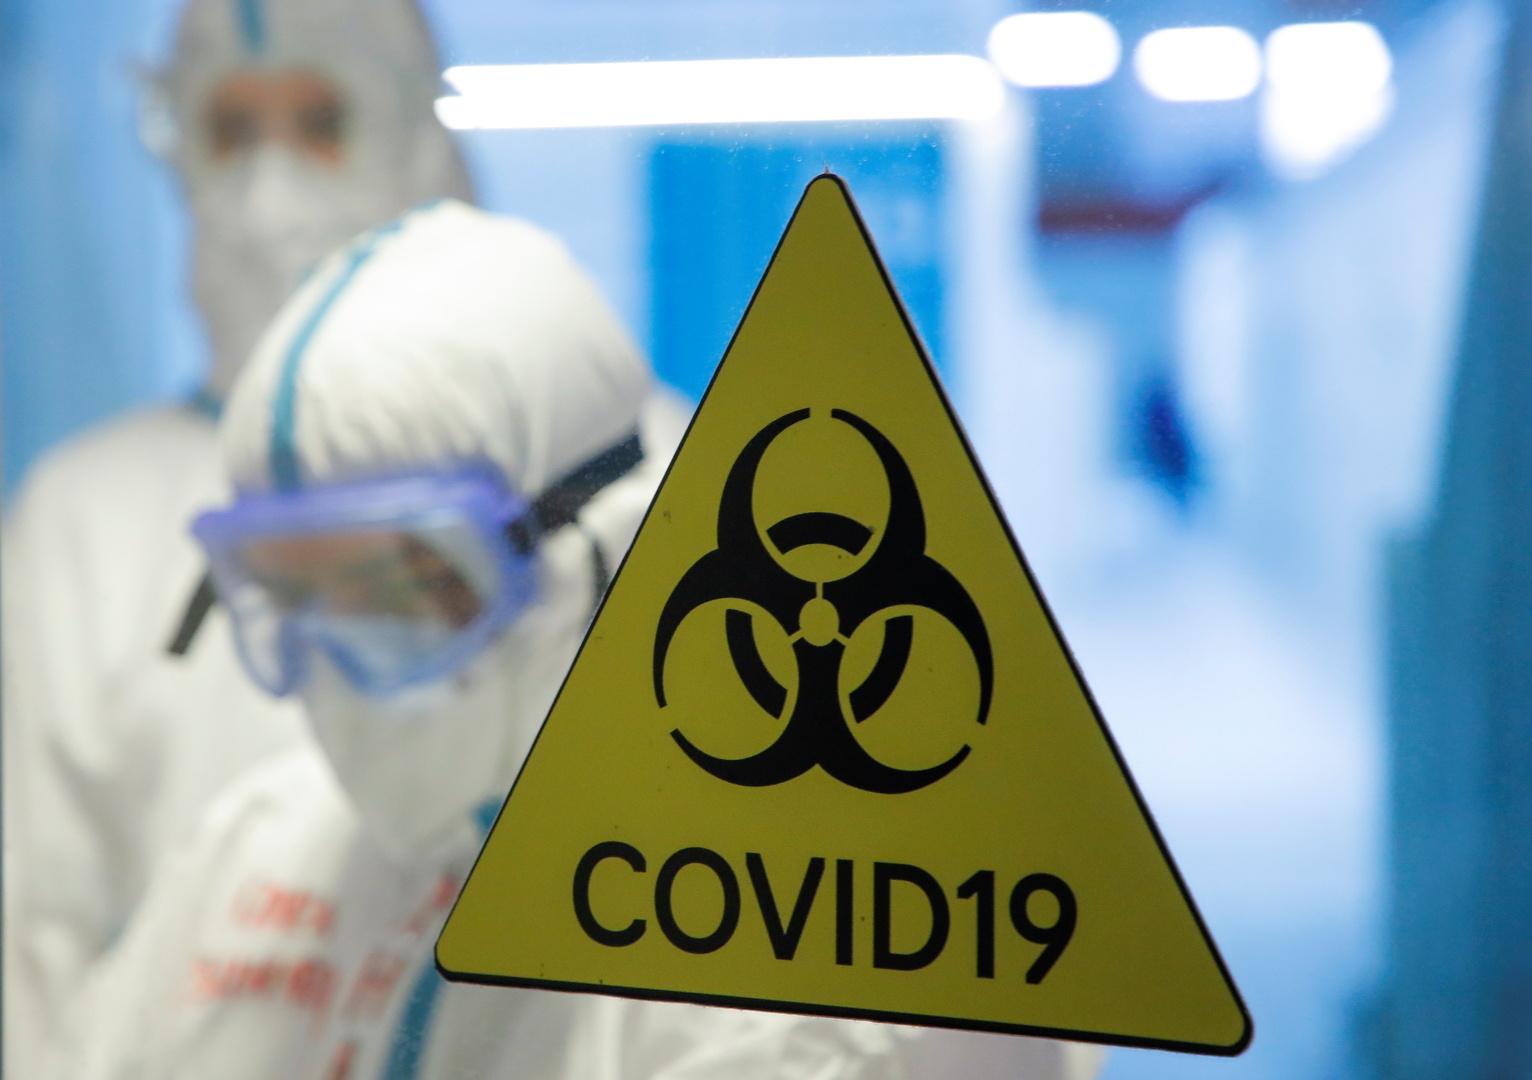 روسيا.. 10253 إصابة جديدة بفيروس كورونا وتراجع في عدد الوفيات